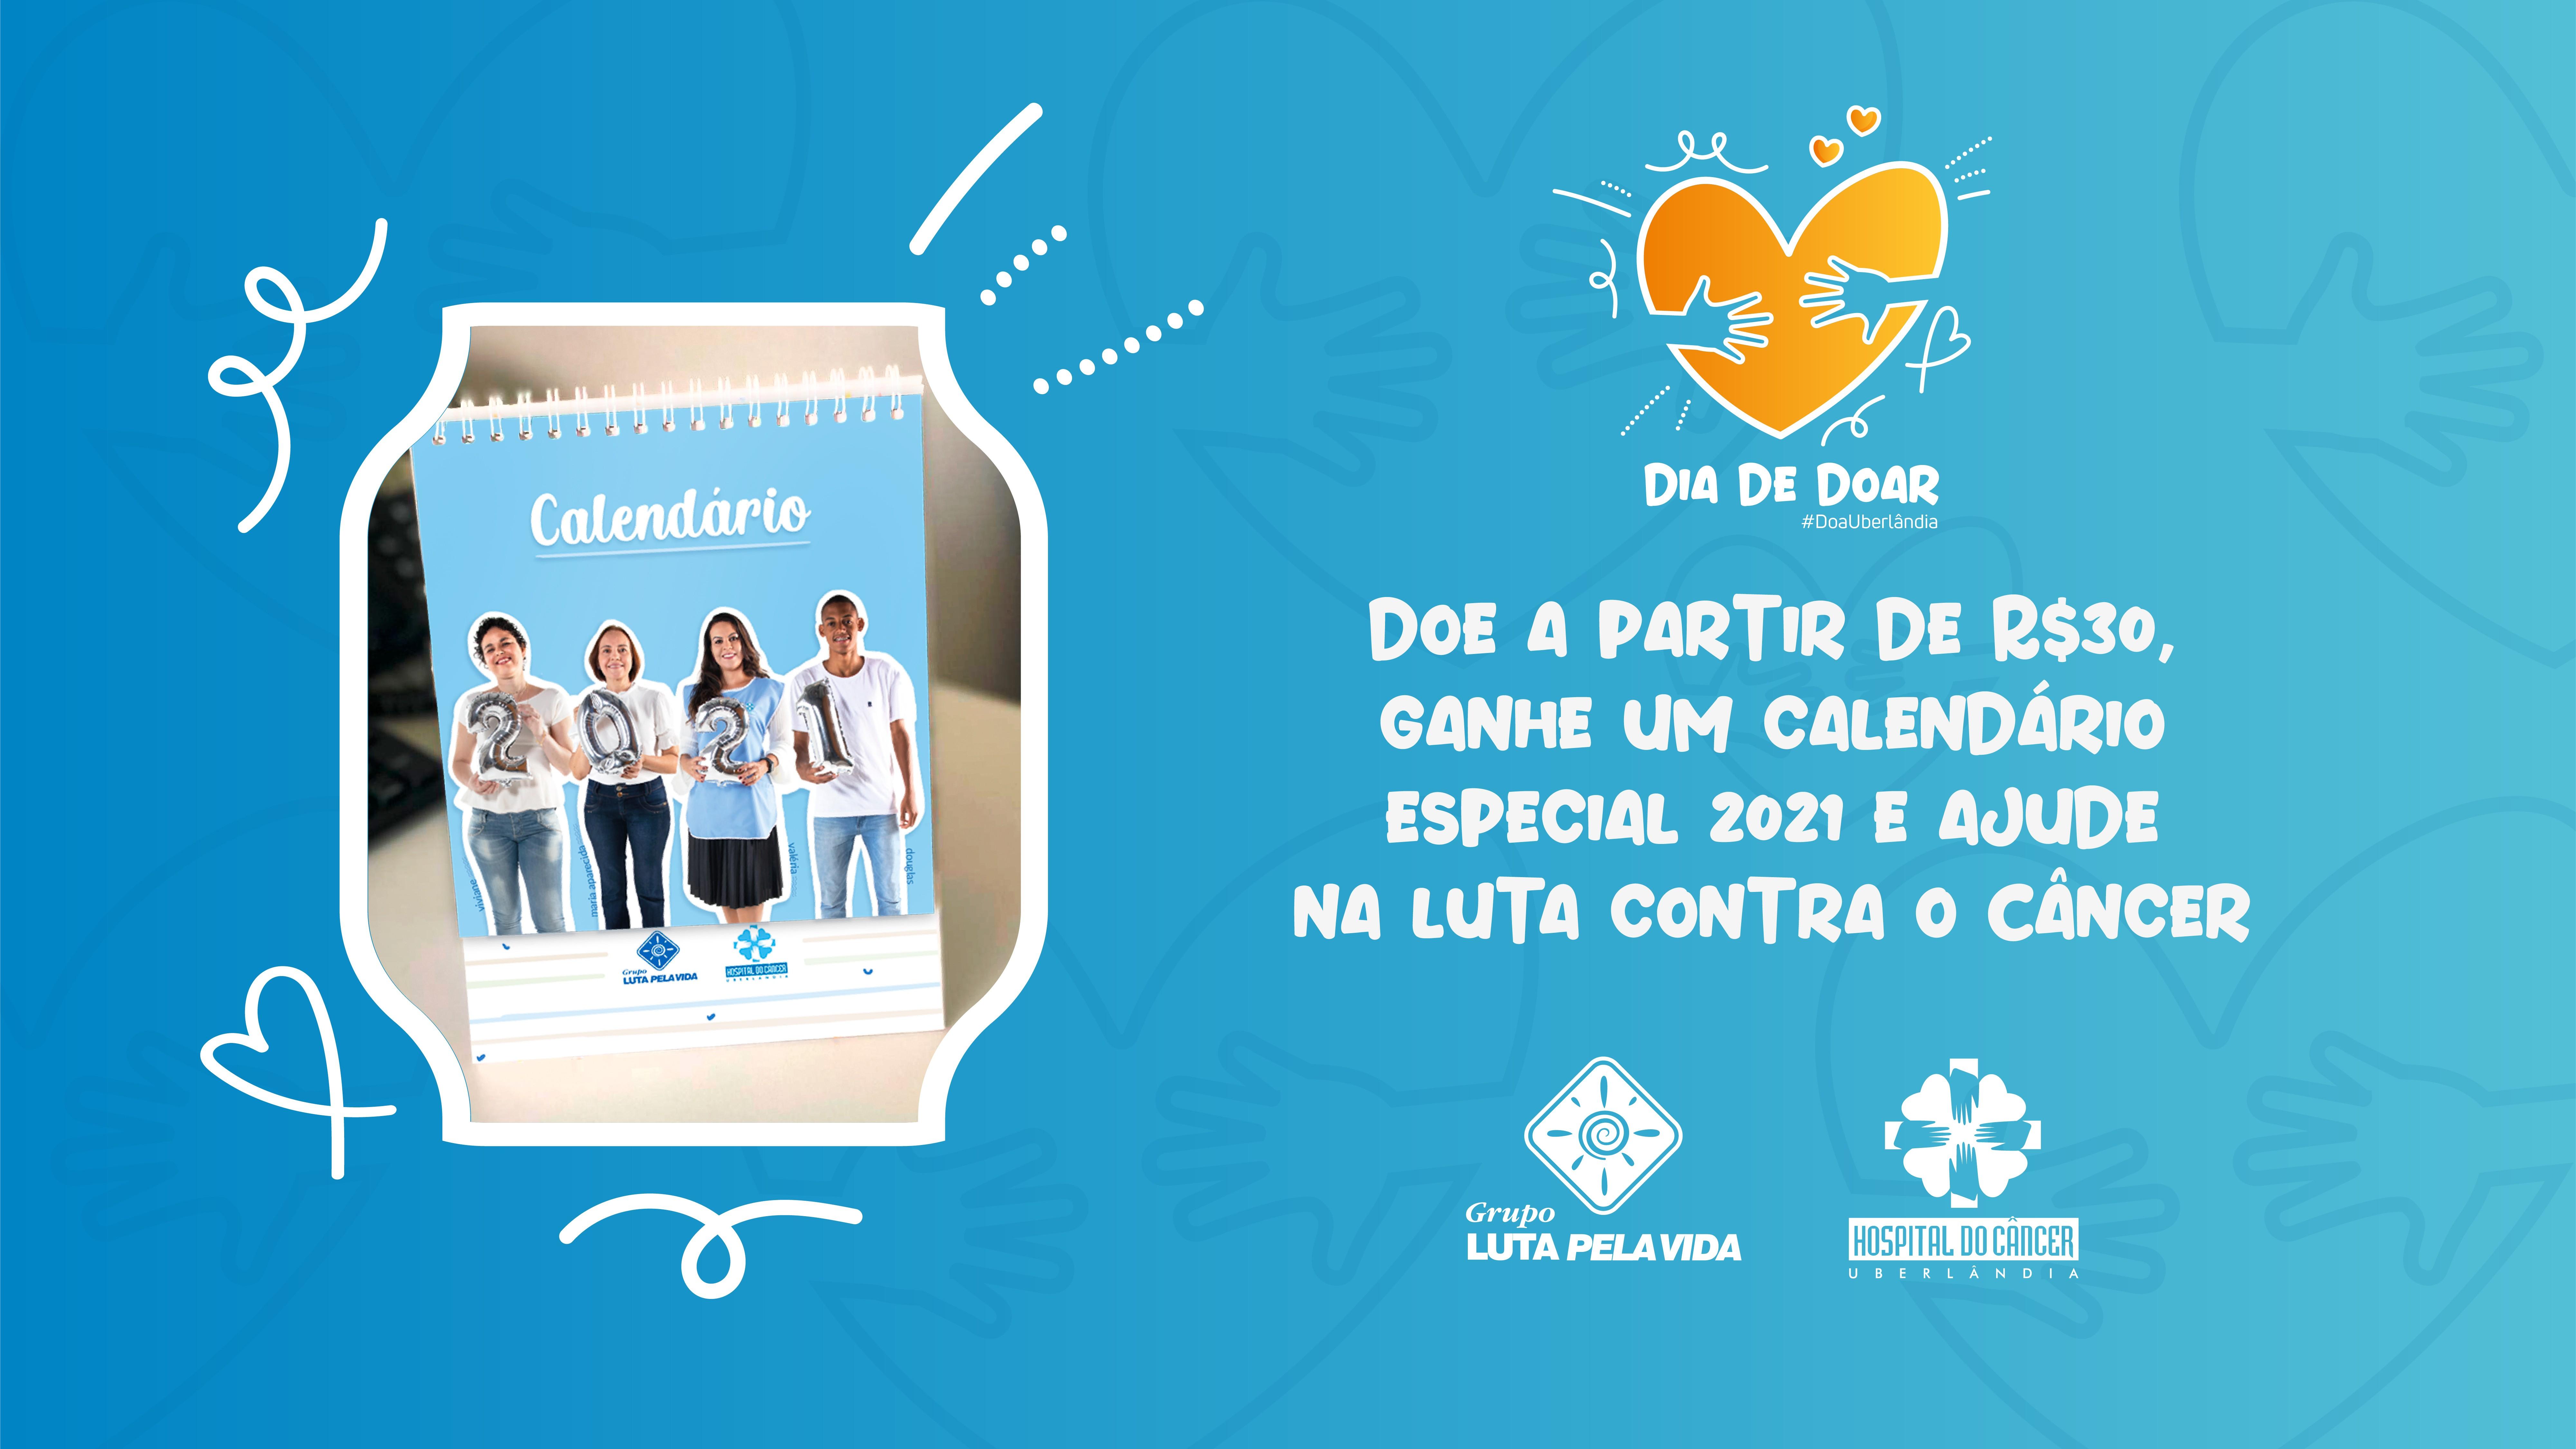 Hospital do Câncer de Uberlândia realiza 'Dia de Doar' para promover a solidariedade e arrecadar verba para a instituição